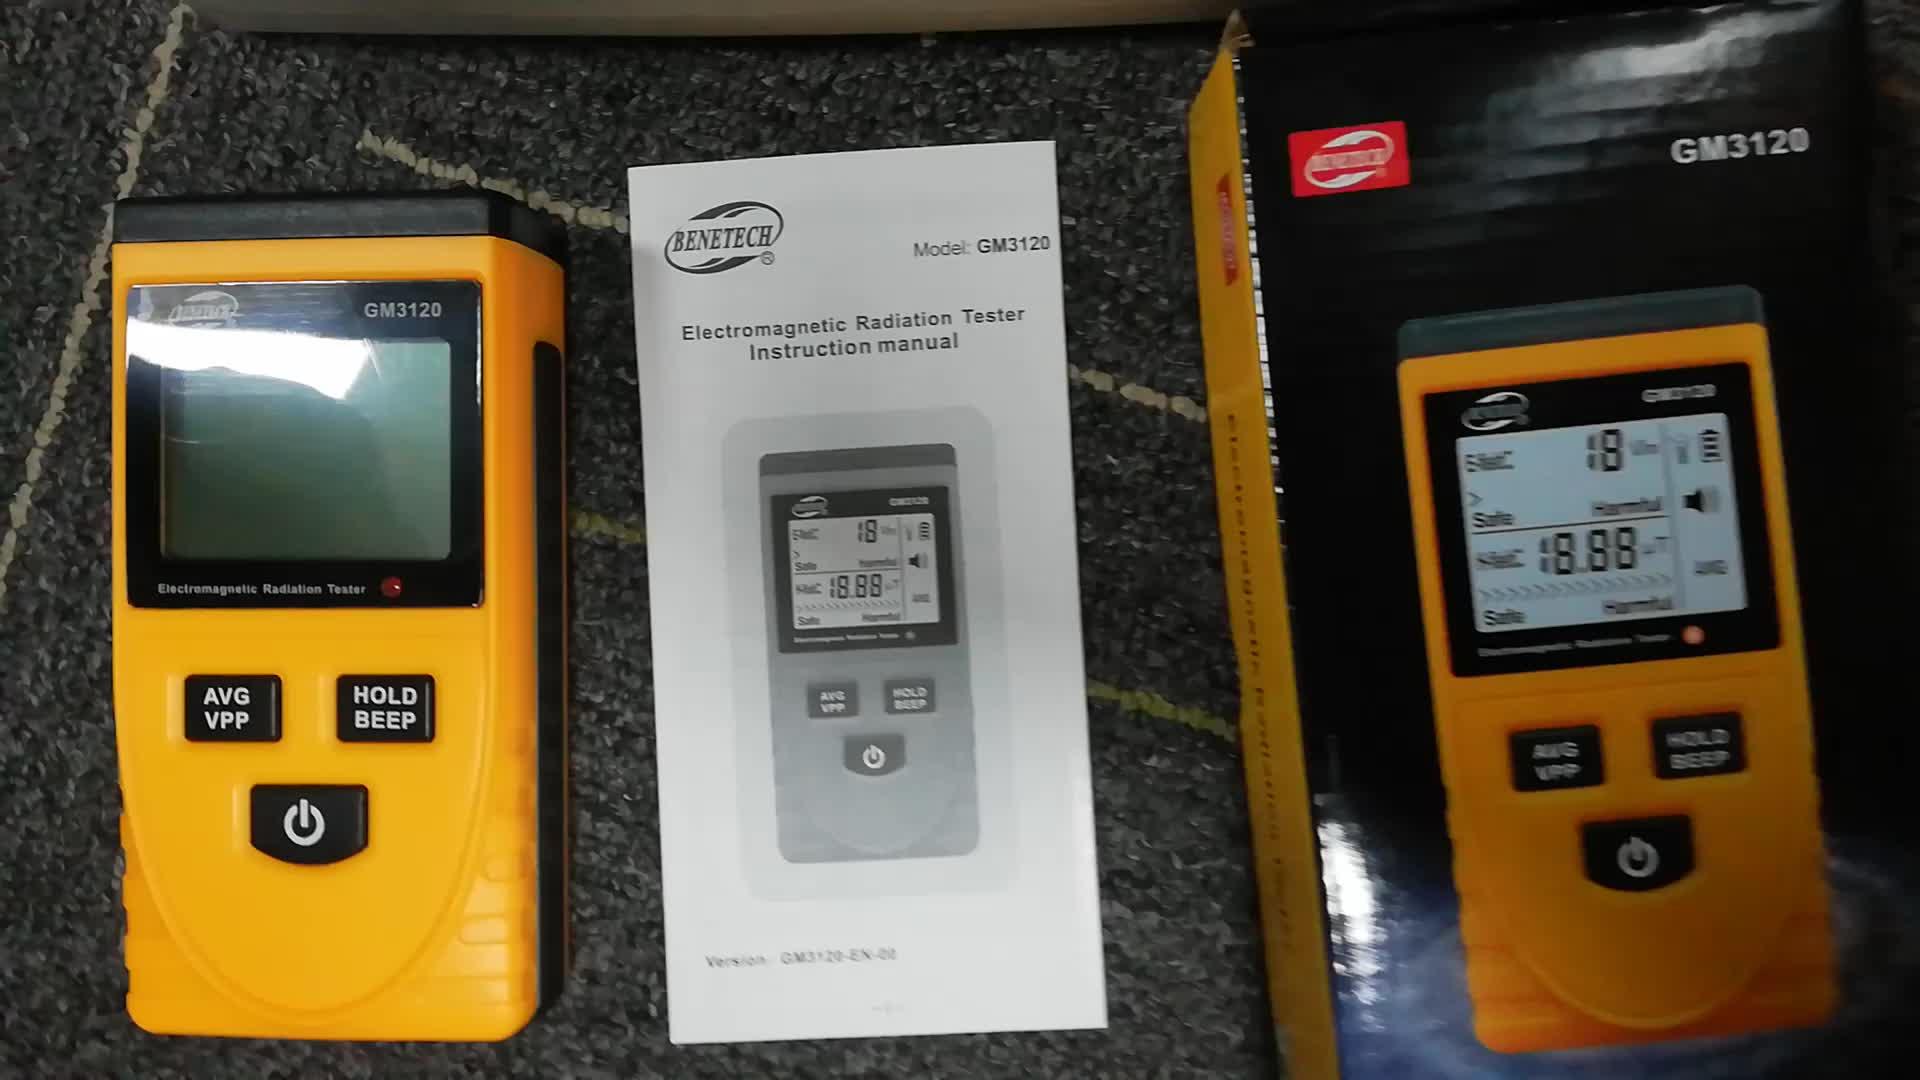 Digitale Elektromagnetische straling detector GM3120 voor huishoudelijke elektromagnetische straling tester apparatuur straling meten